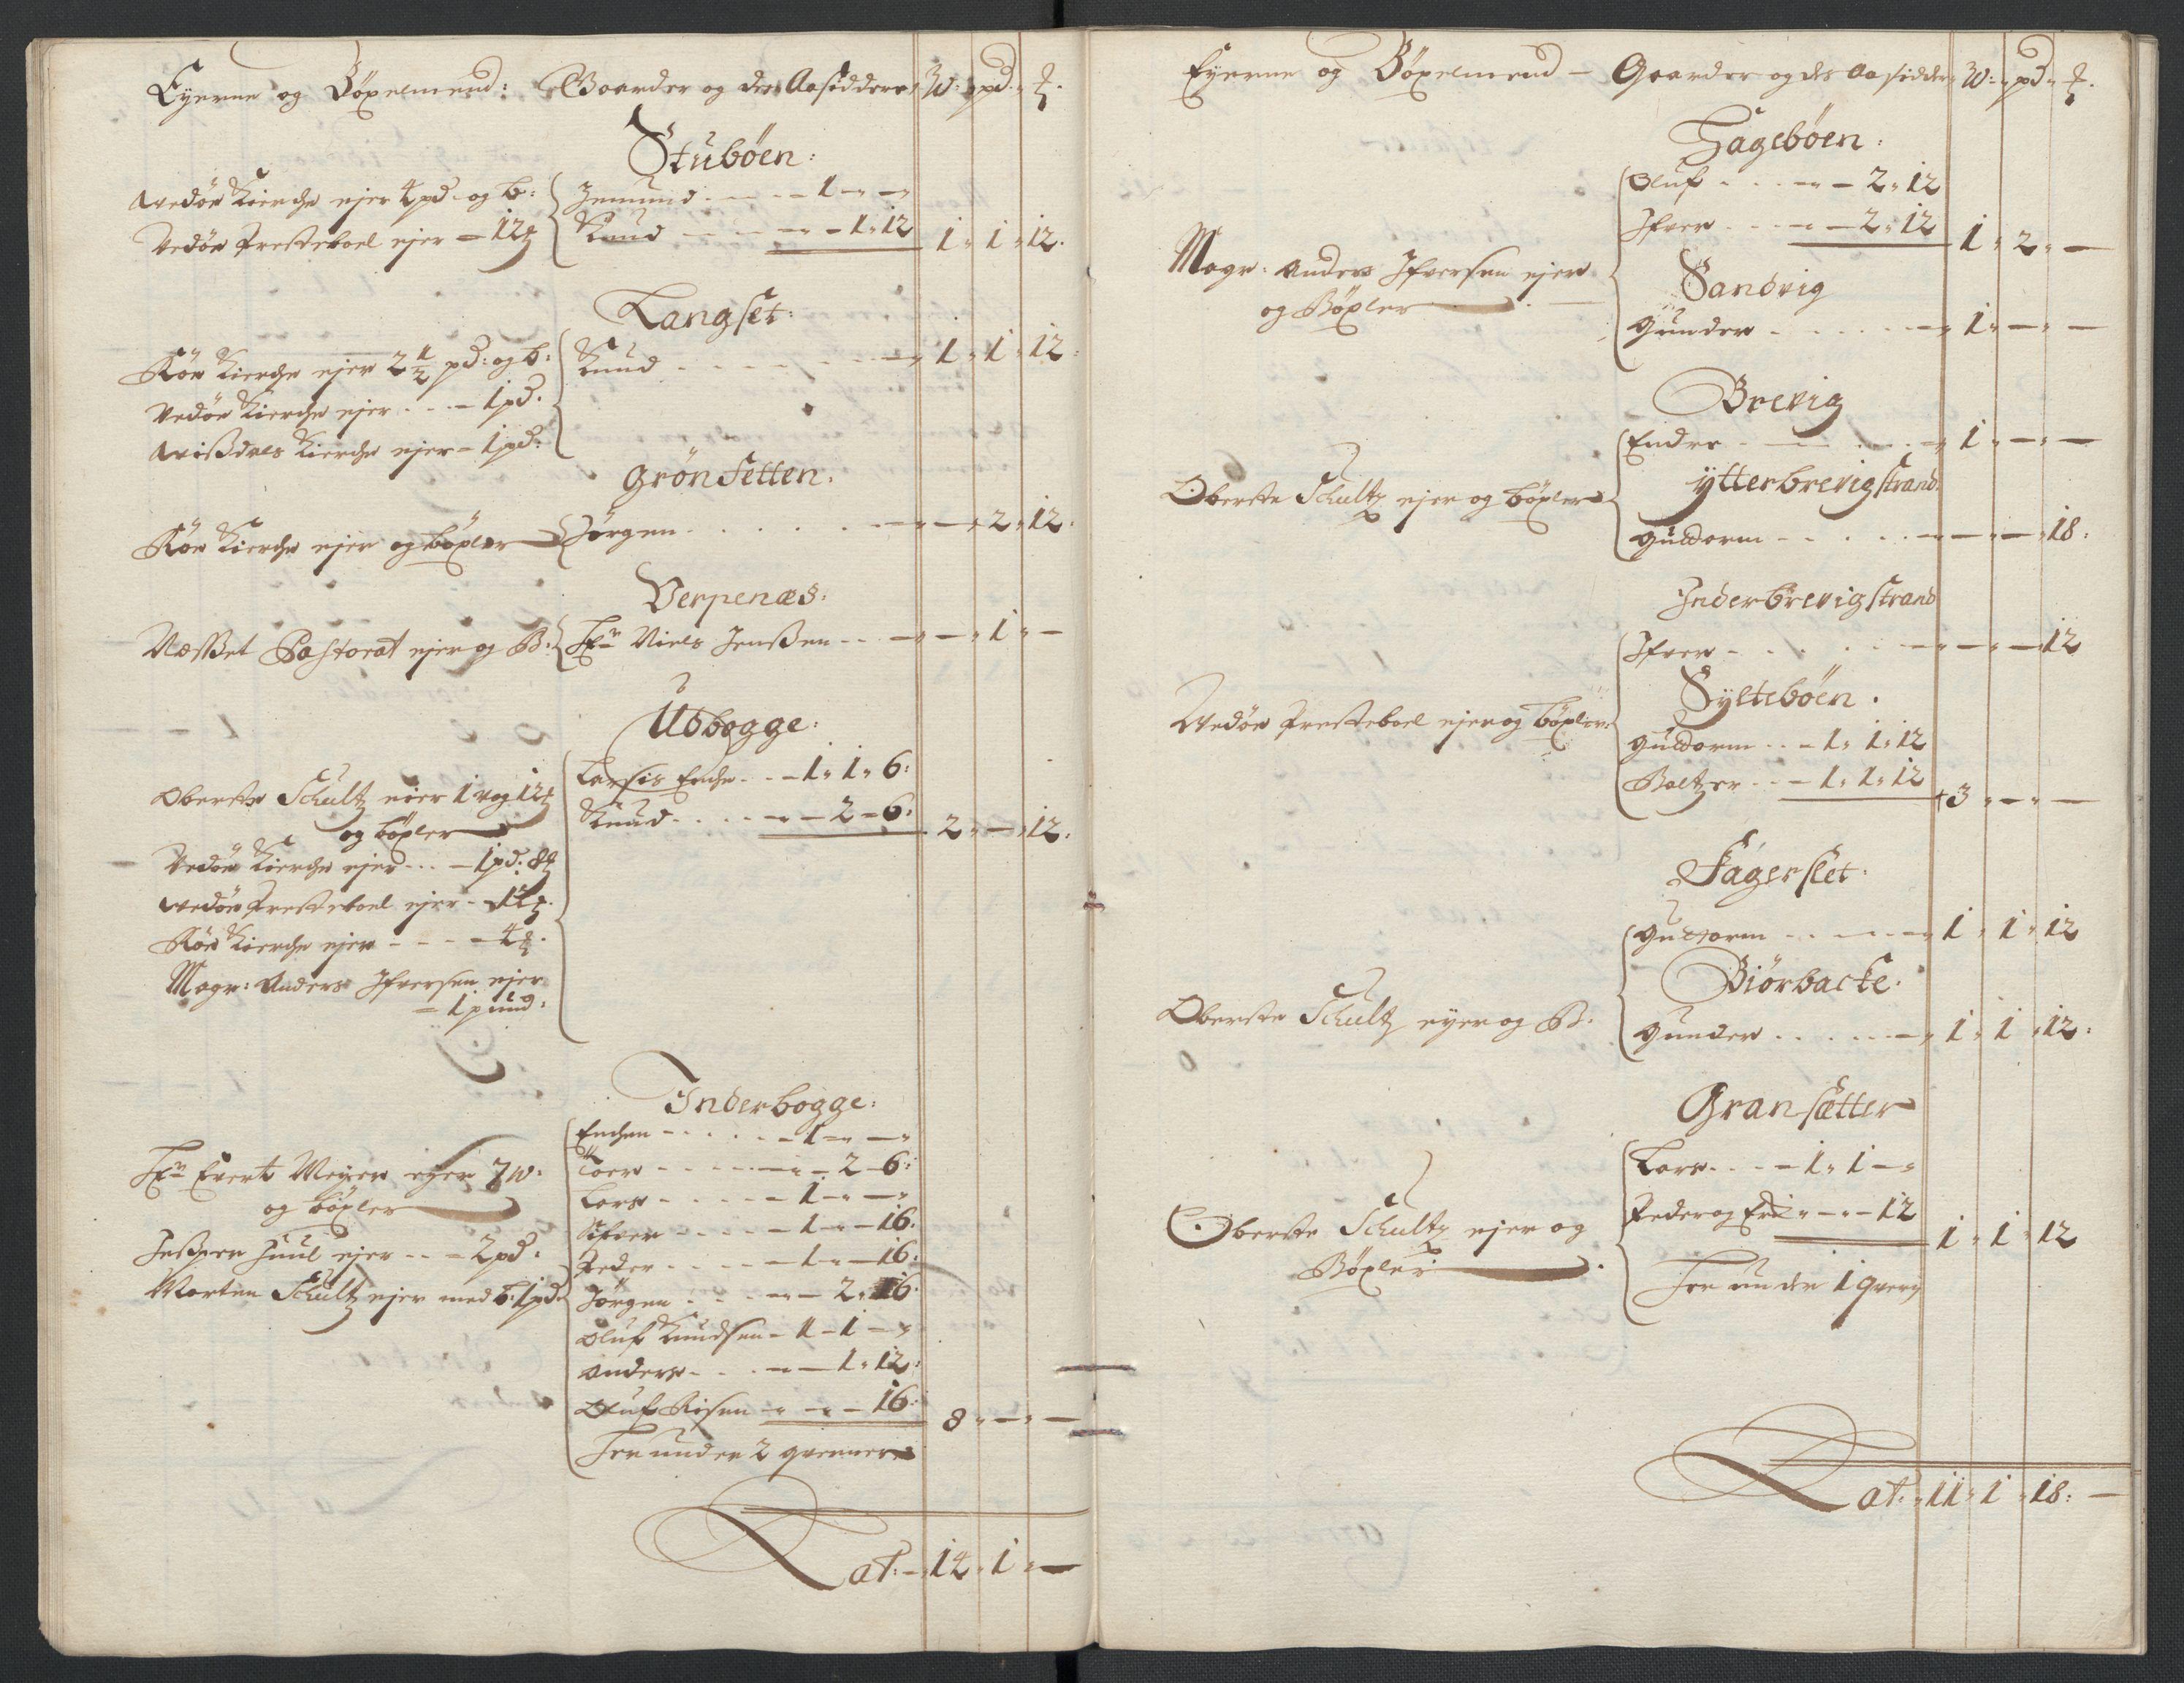 RA, Rentekammeret inntil 1814, Reviderte regnskaper, Fogderegnskap, R55/L3653: Fogderegnskap Romsdal, 1697-1698, s. 255